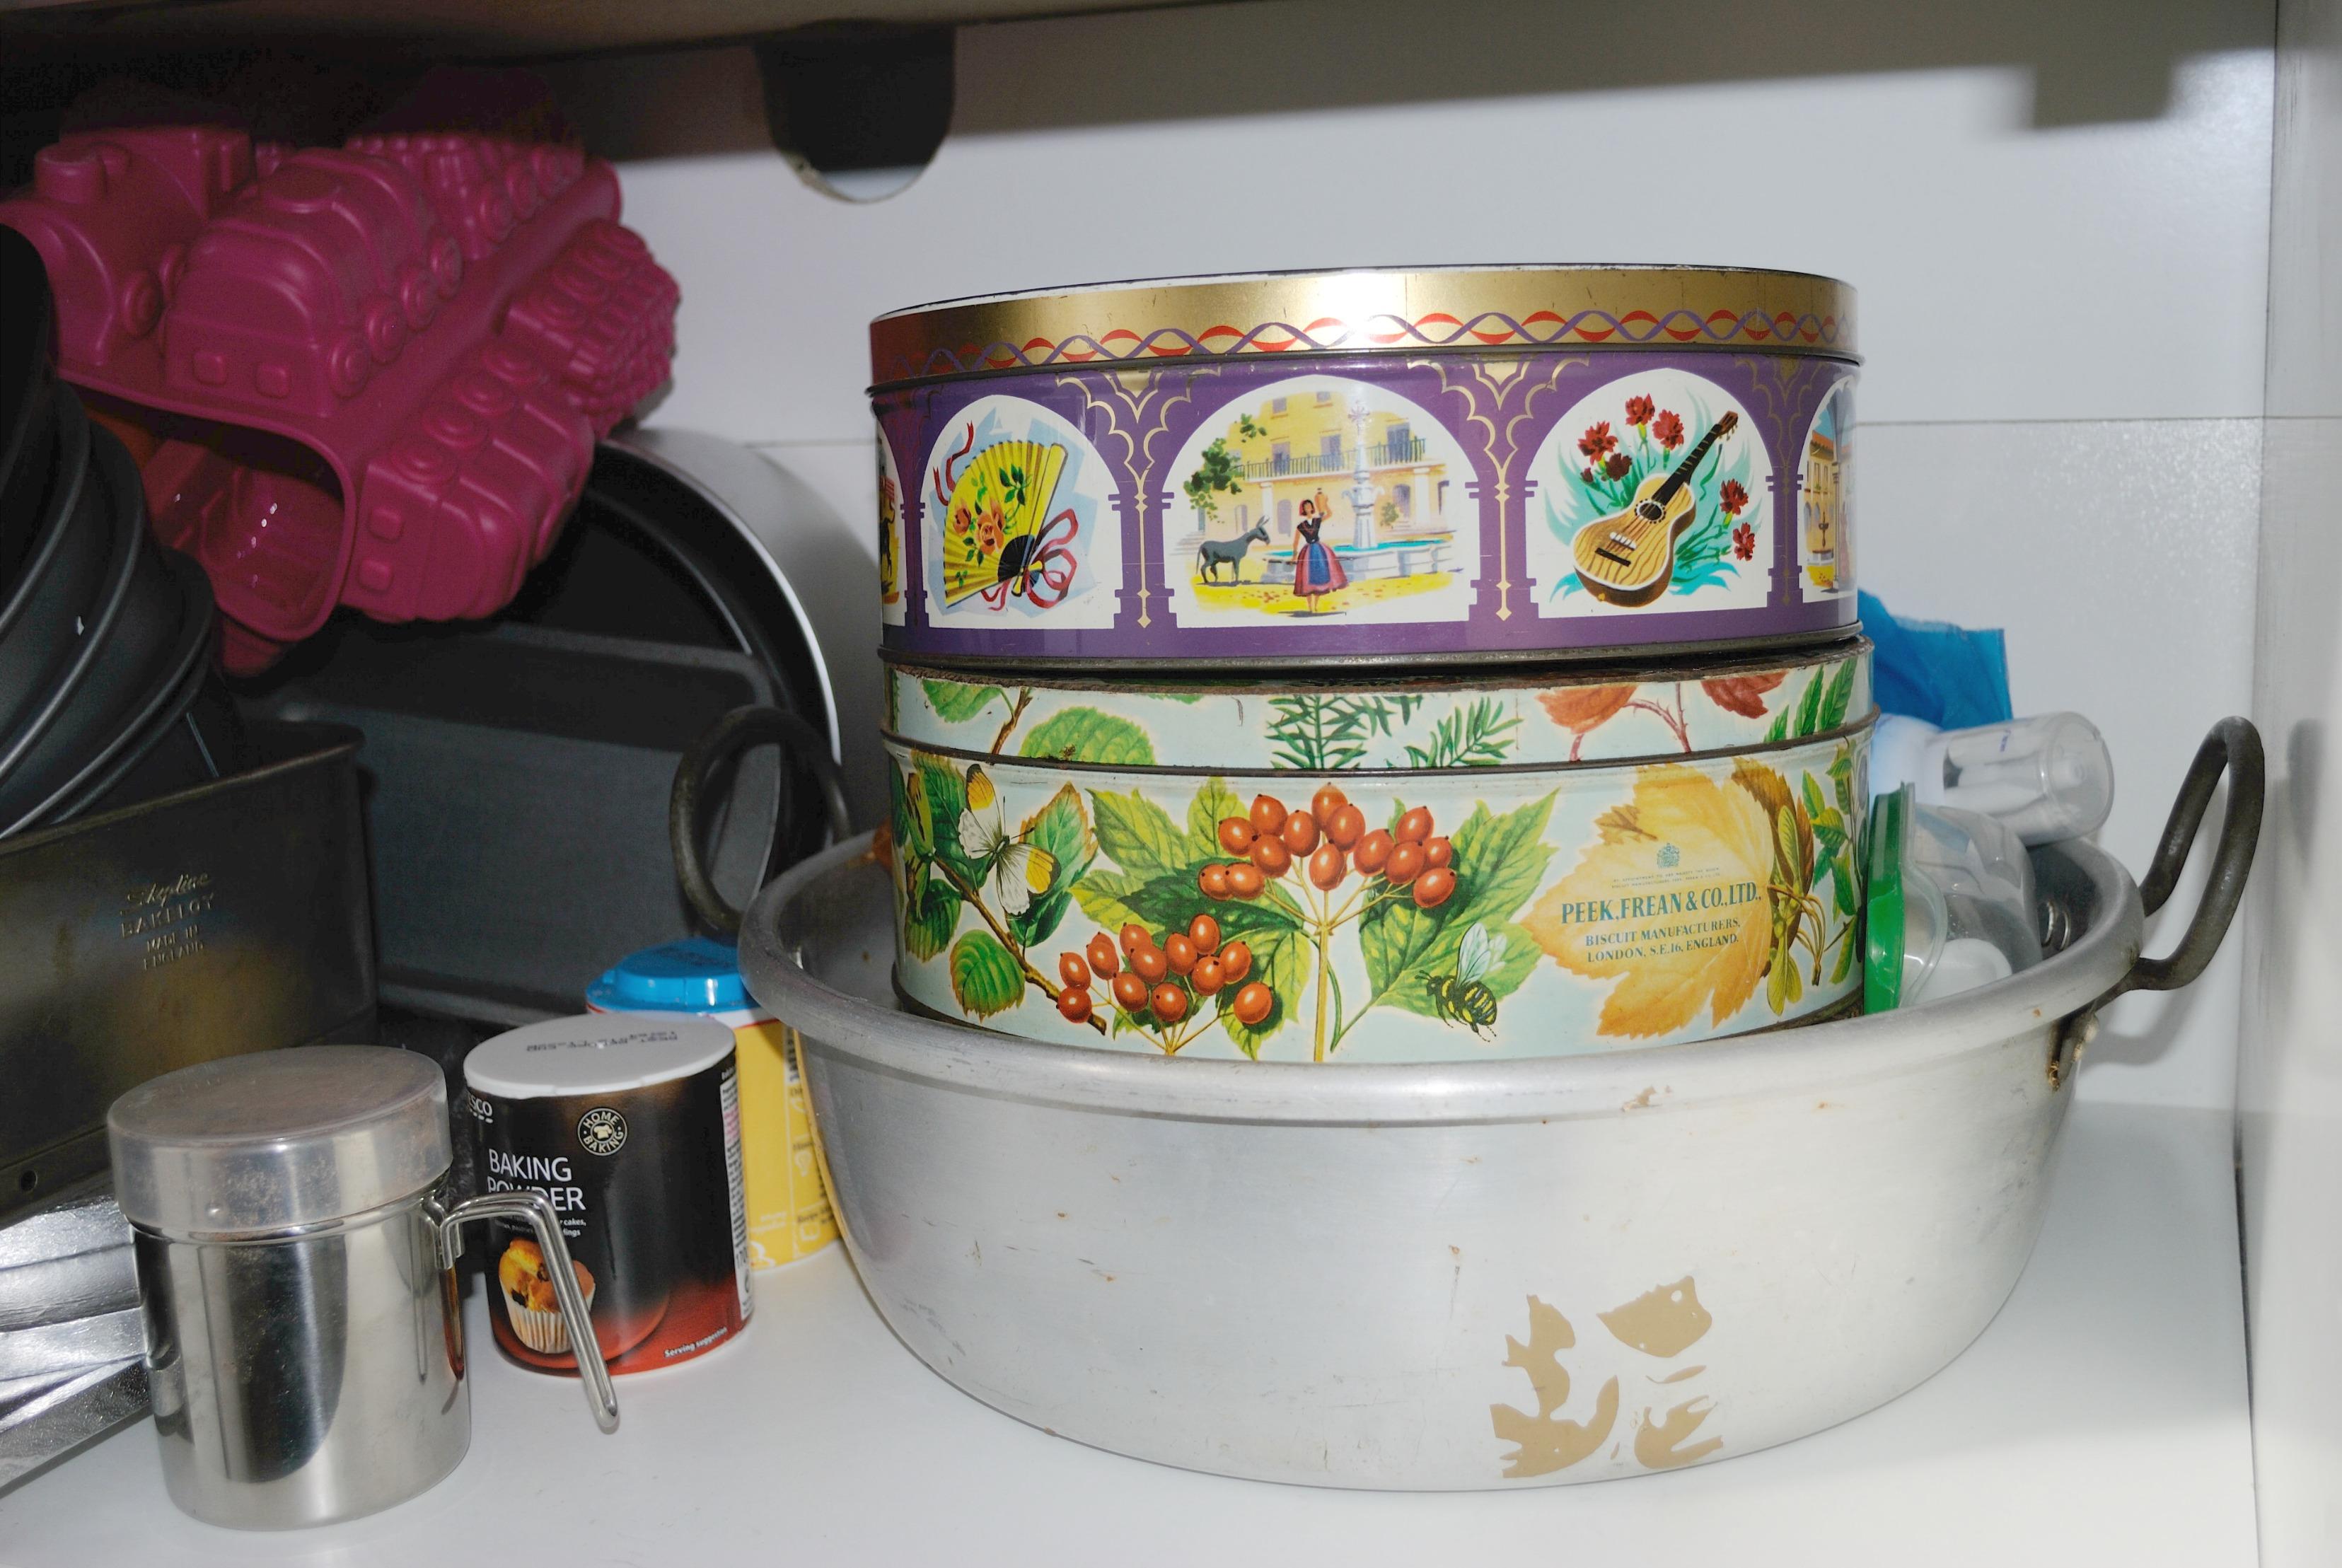 Baking cupboard 34